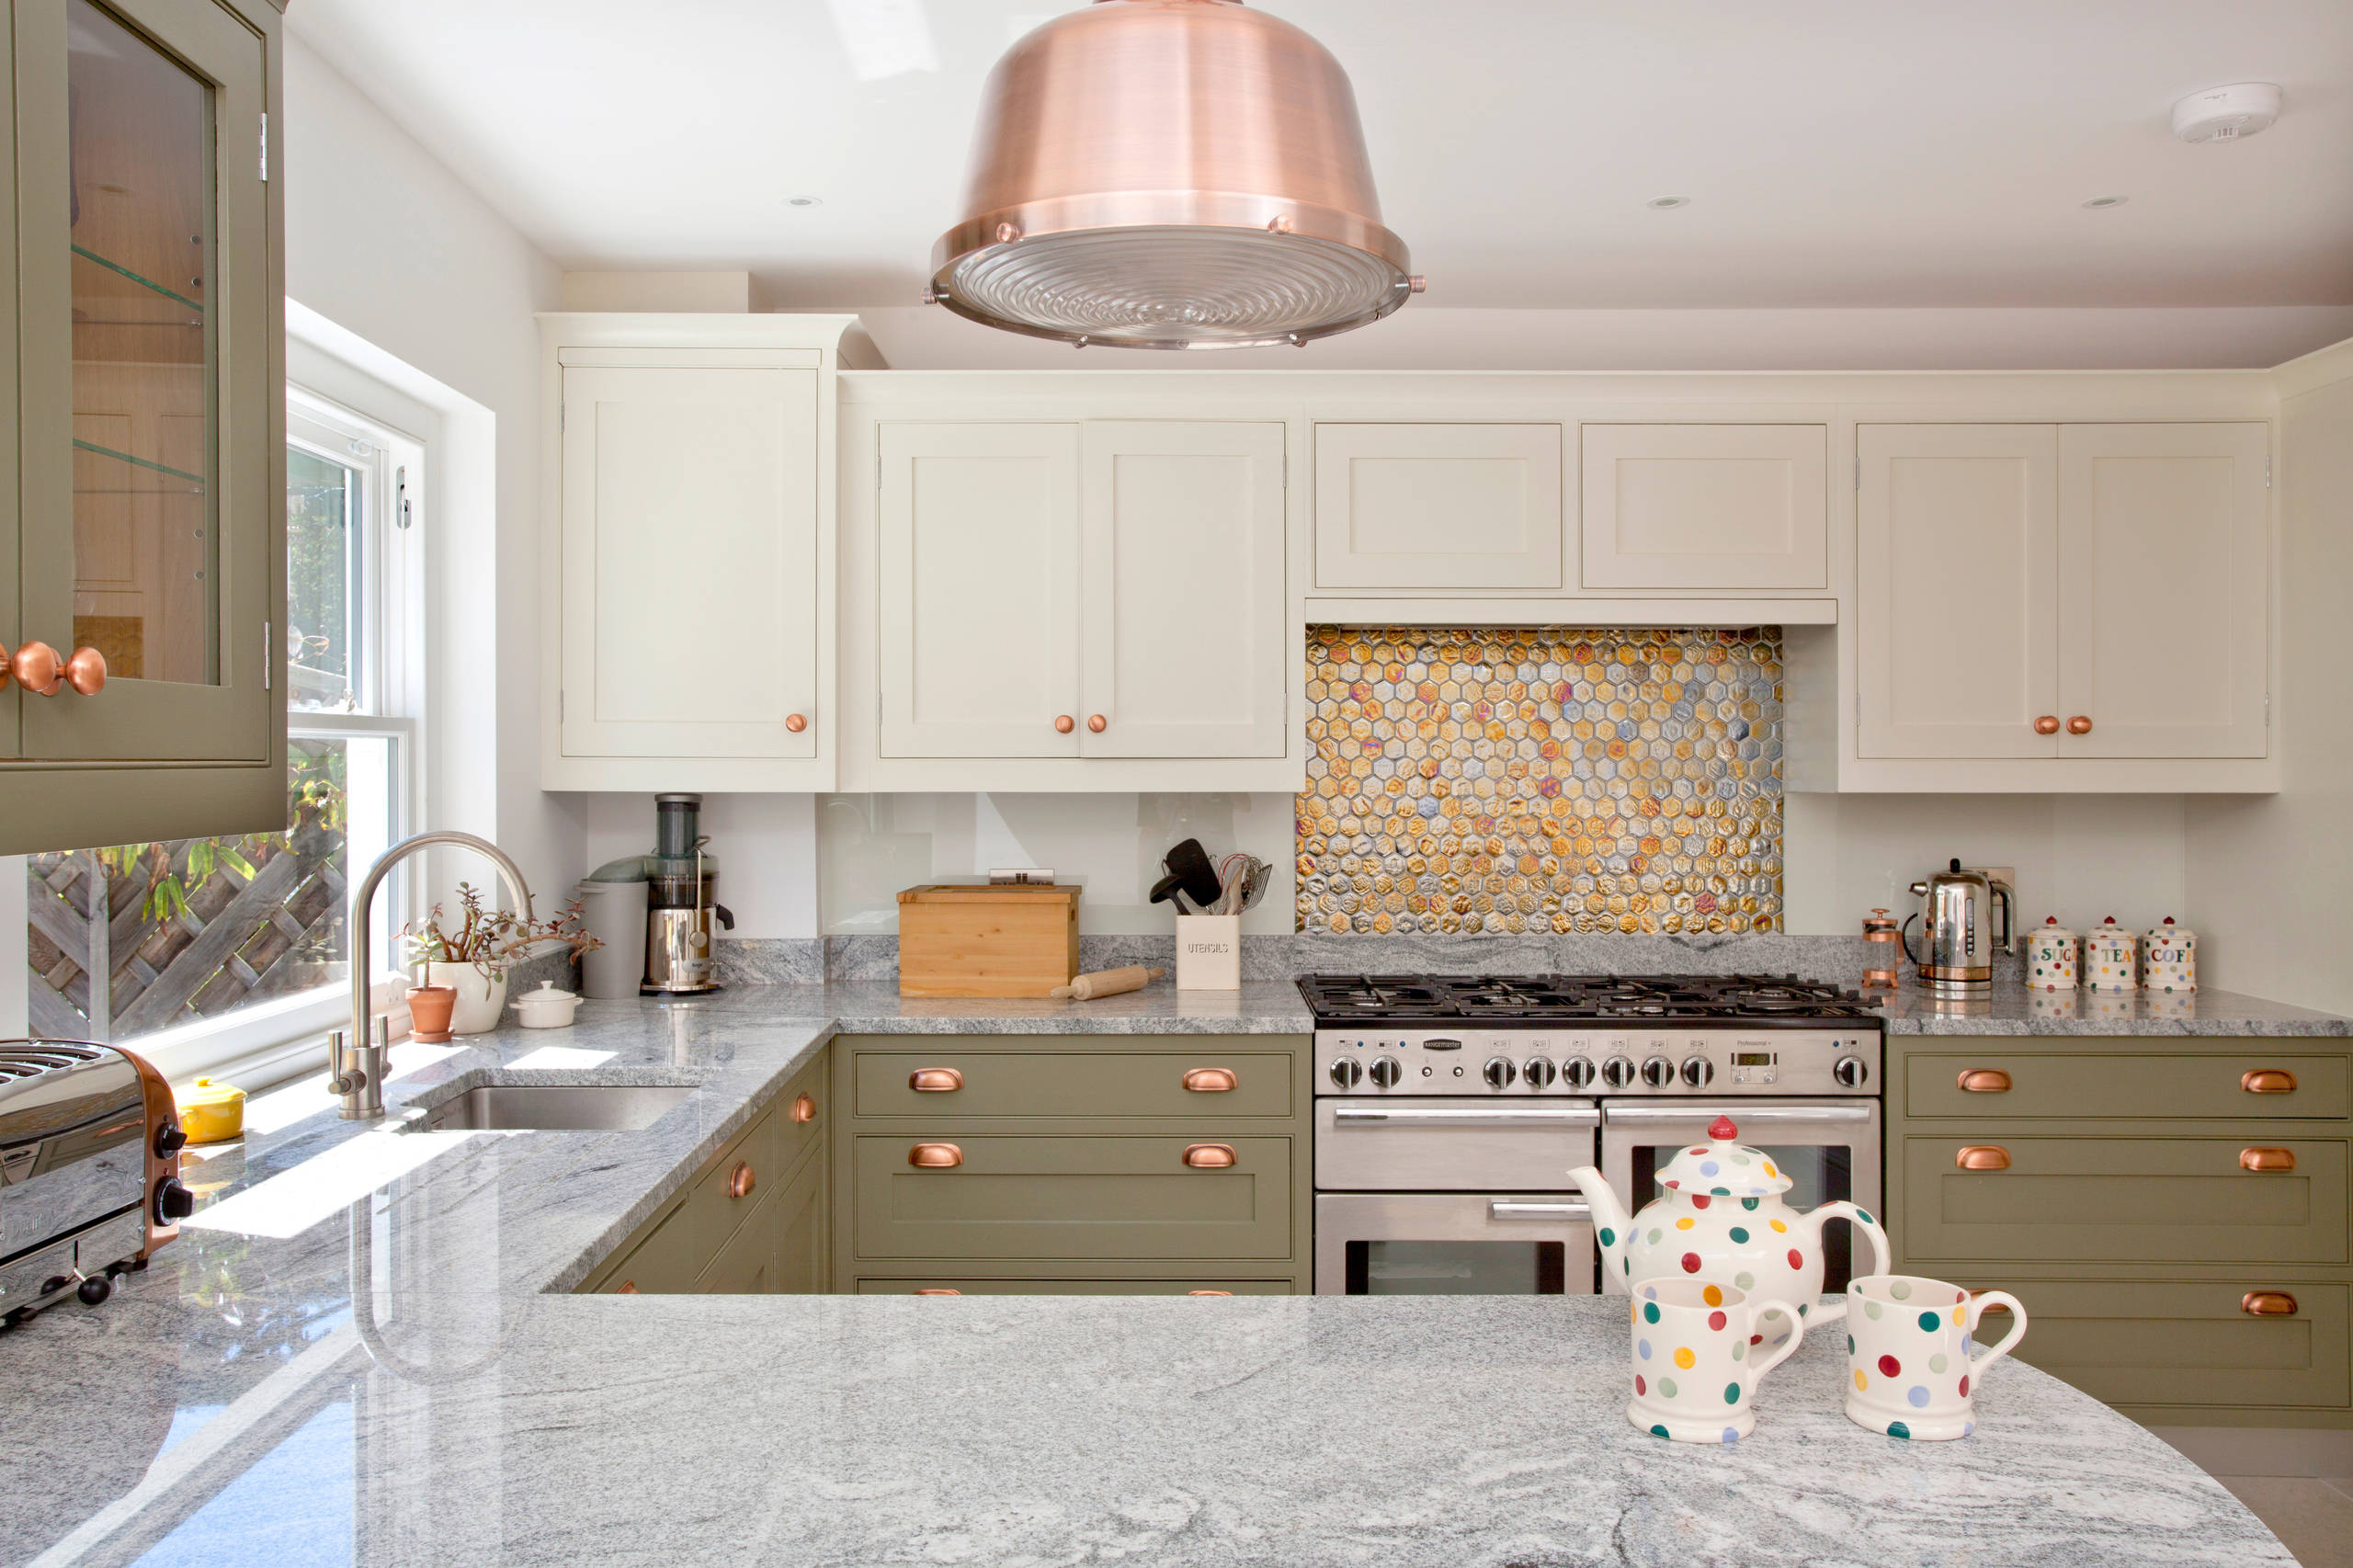 Cream And Olive Green Colour Scheme Kitchen Ideas Photos Houzz